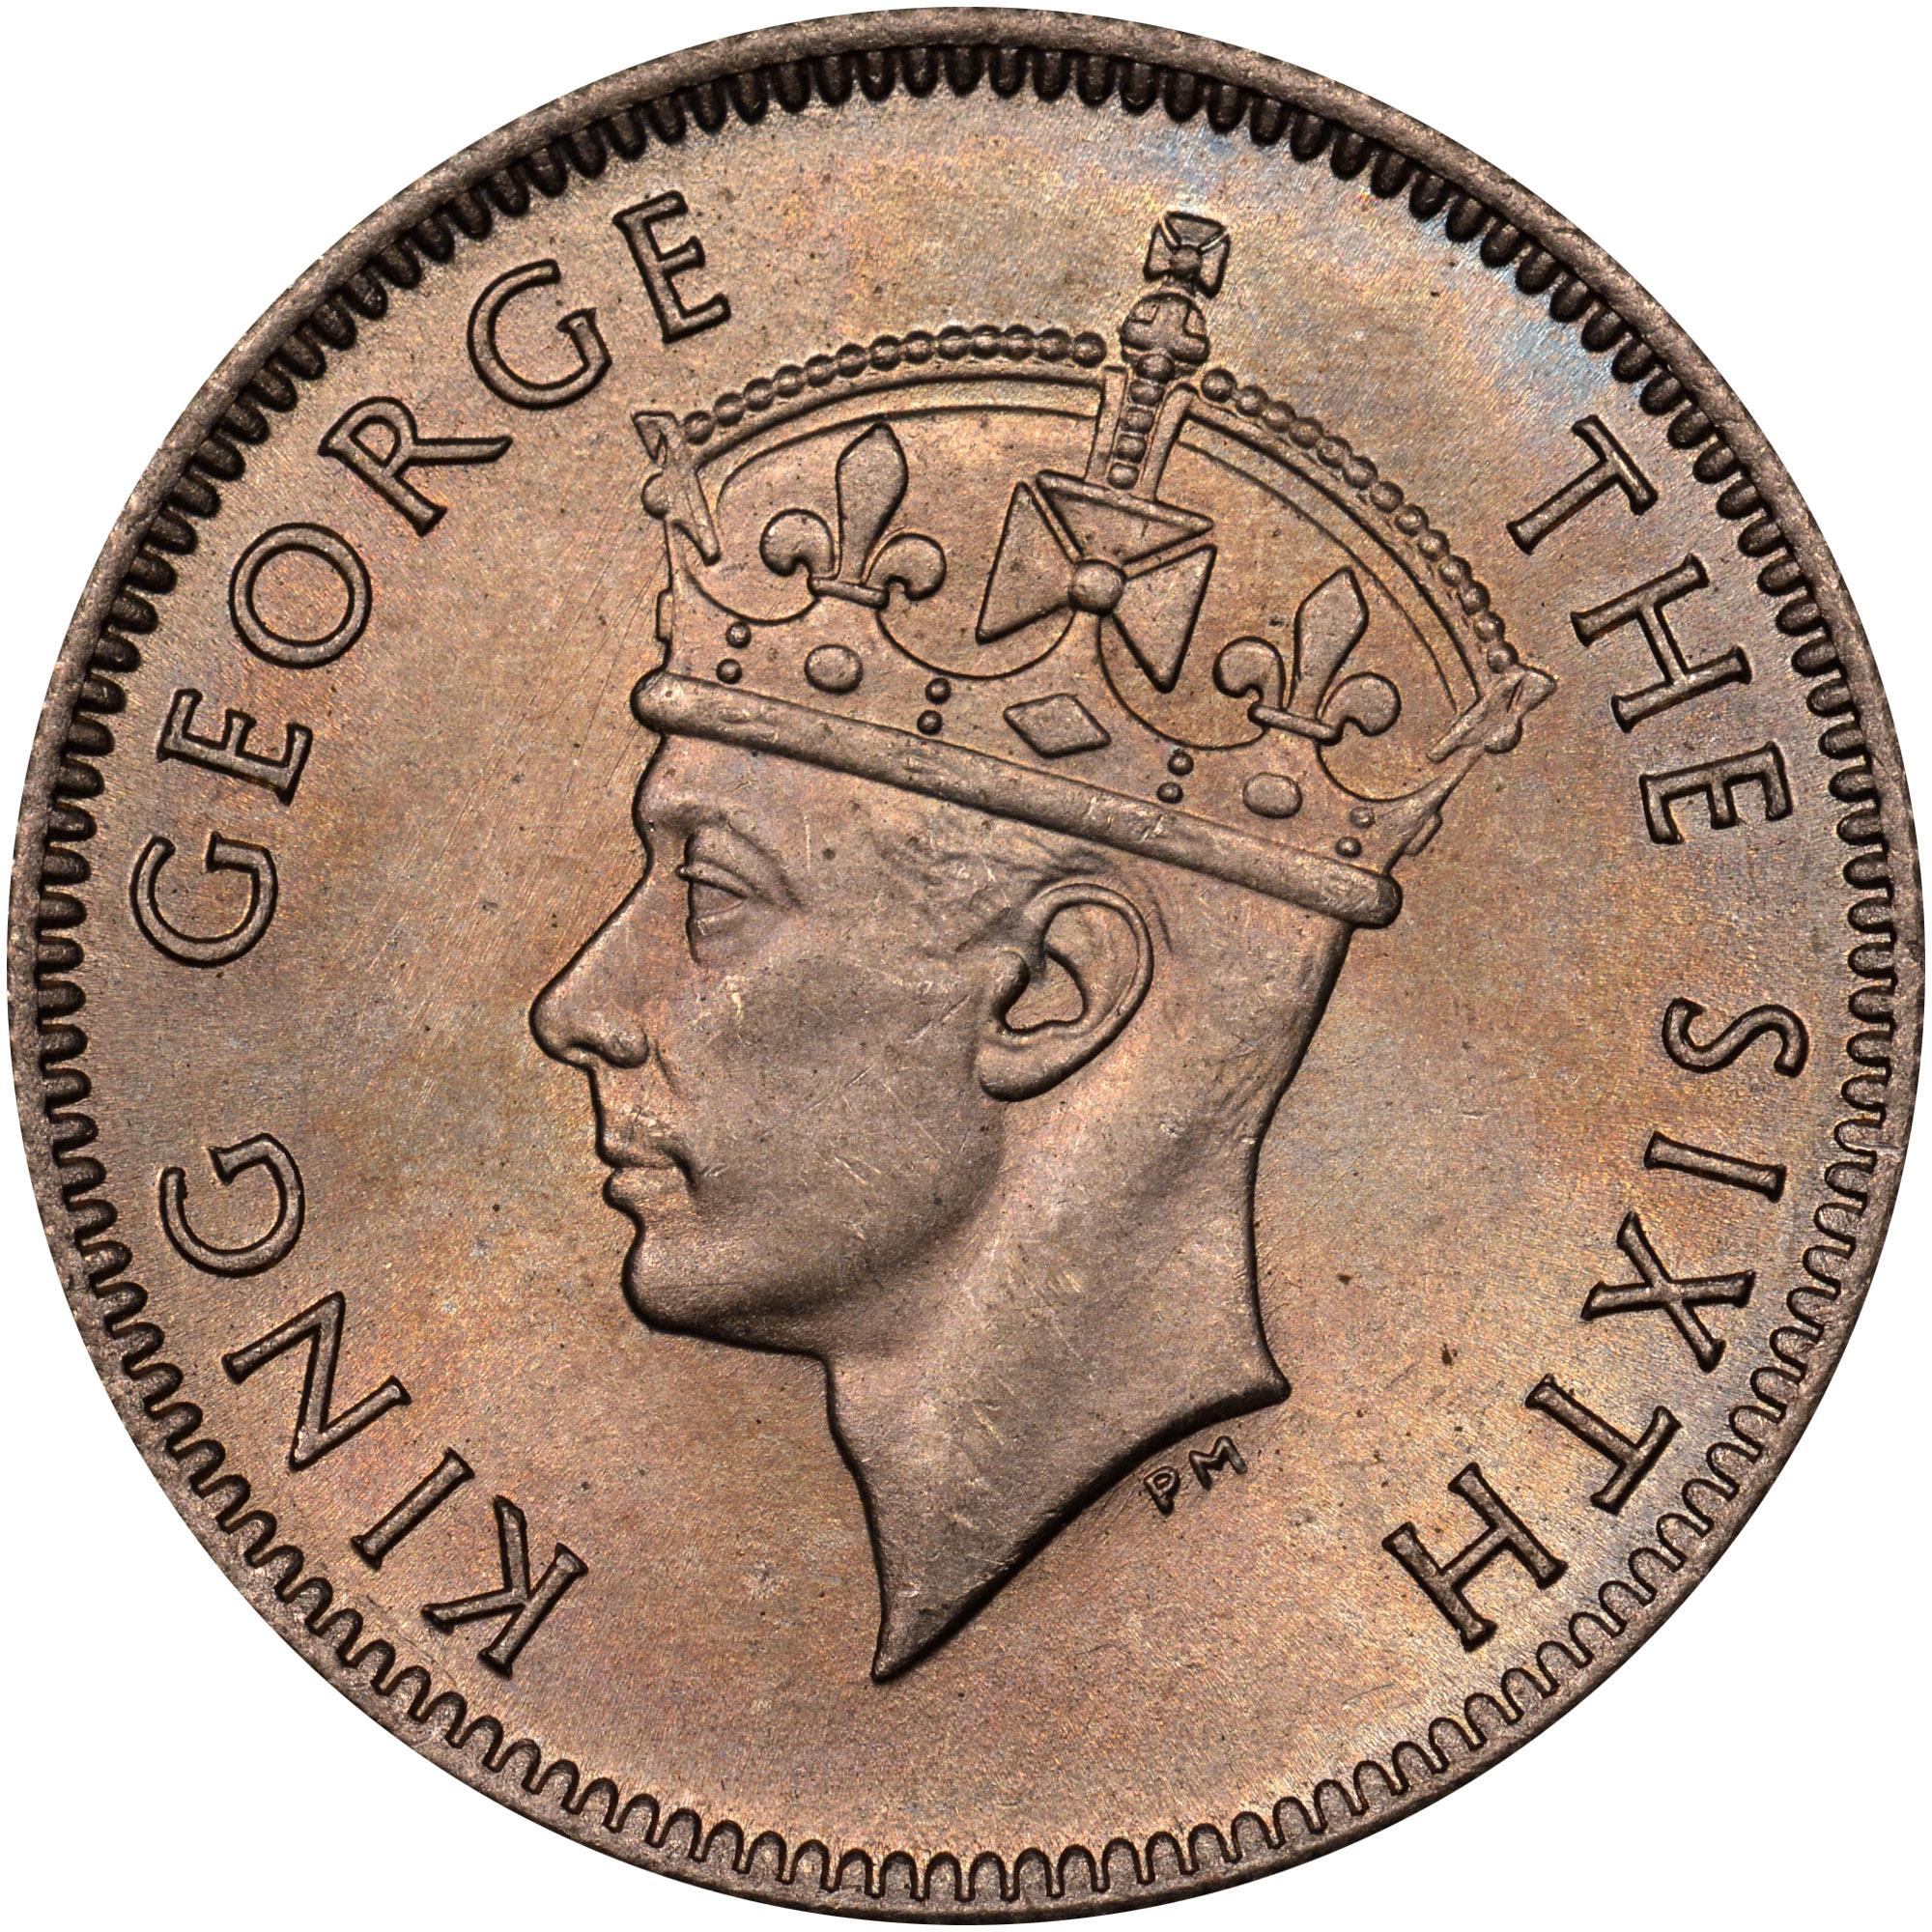 Mauritius 1/4 Rupee obverse